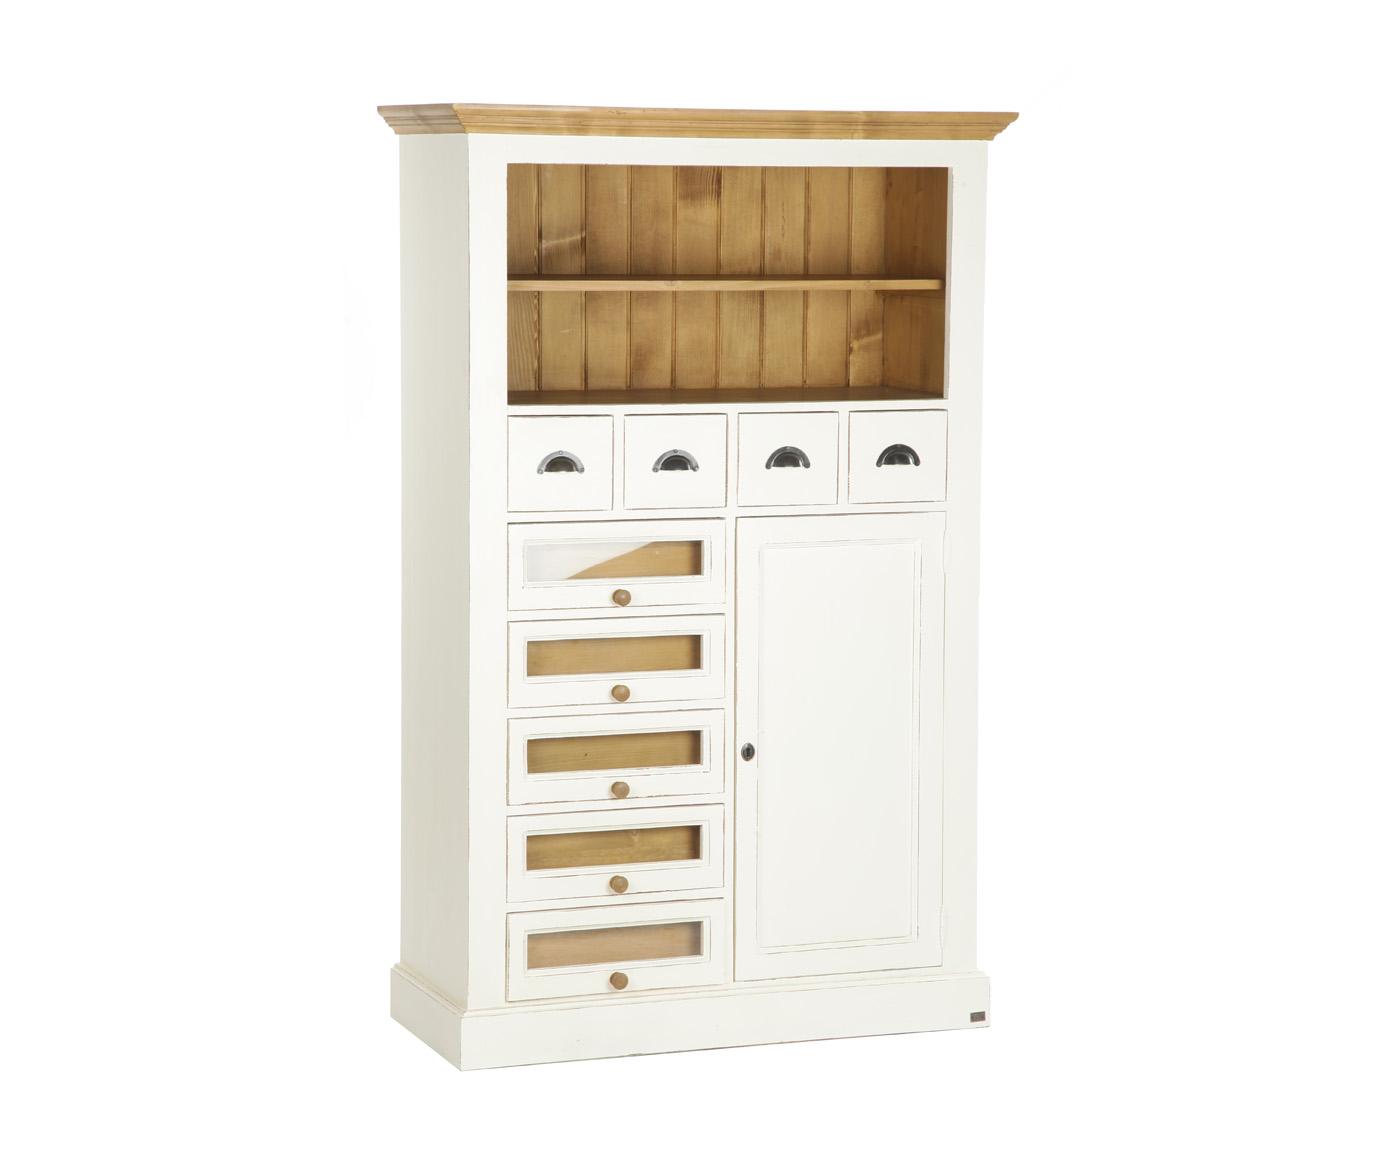 Шкаф для храненияПосудные шкафы<br>Несомненным преимуществом цветной мебели &amp;quot;Кантри&amp;quot; является ее высокое качество. Коллекция изготовлена в Румынии и выполнена полностью из массива дерева (средиземноморская сосна). Мебель &amp;quot;Кантри&amp;quot; из массива рассчитана на длительное и активное использование.<br>Кроме того, большая часть предметов коллекции  &amp;quot;Кантри&amp;quot; покрыта двумя слоями красок разных цветов и запатинирована. Искусственная состаренность придает мебели особый теплый деревенский шарм.&amp;lt;div&amp;gt;&amp;lt;br&amp;gt;&amp;lt;/div&amp;gt;&amp;lt;div&amp;gt;Шкаф для хранения с ящиками, полками из массива сосны цвета слоновой кости с проступающей красной патиной, фурнитура - античное покрытие&amp;lt;/div&amp;gt;<br><br>Material: Сосна<br>Length см: 0<br>Width см: 108<br>Depth см: 45<br>Height см: 170<br>Diameter см: 0